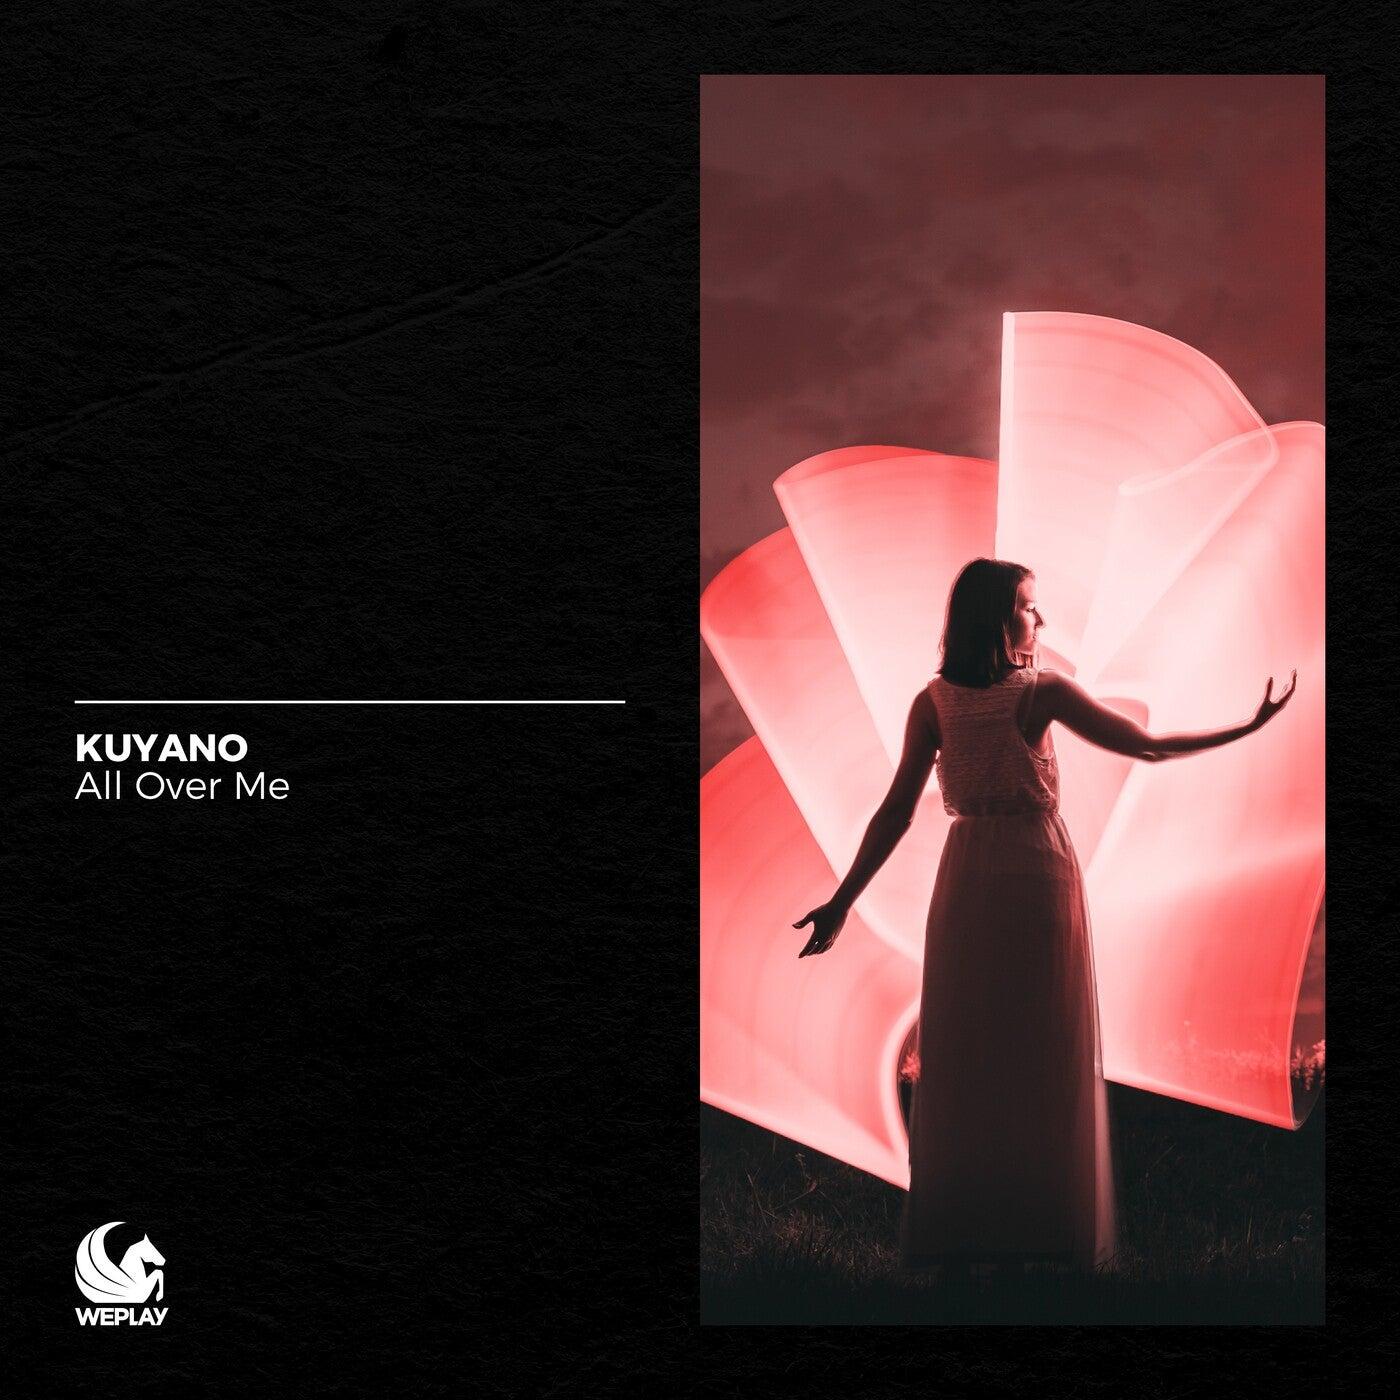 Kuyano - All Over Me